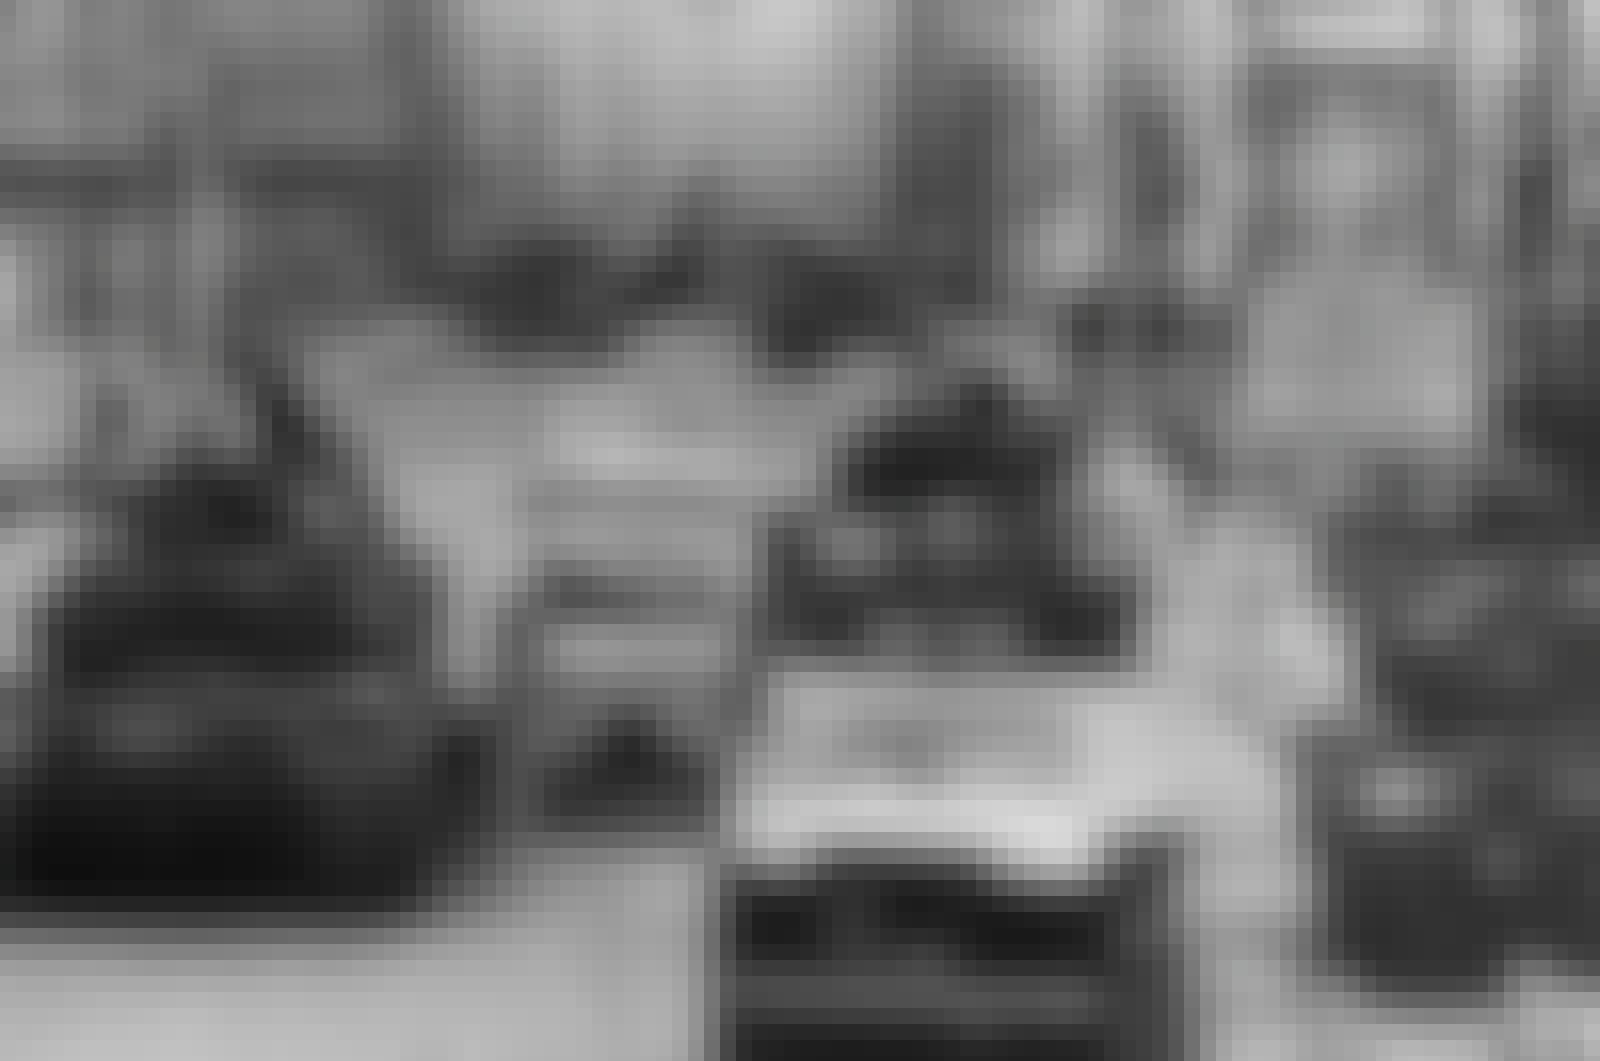 Neuvostoliiton ja Yhdysvaltojen panssarivaunut seisovat vastakkain Checkpoint Charliella